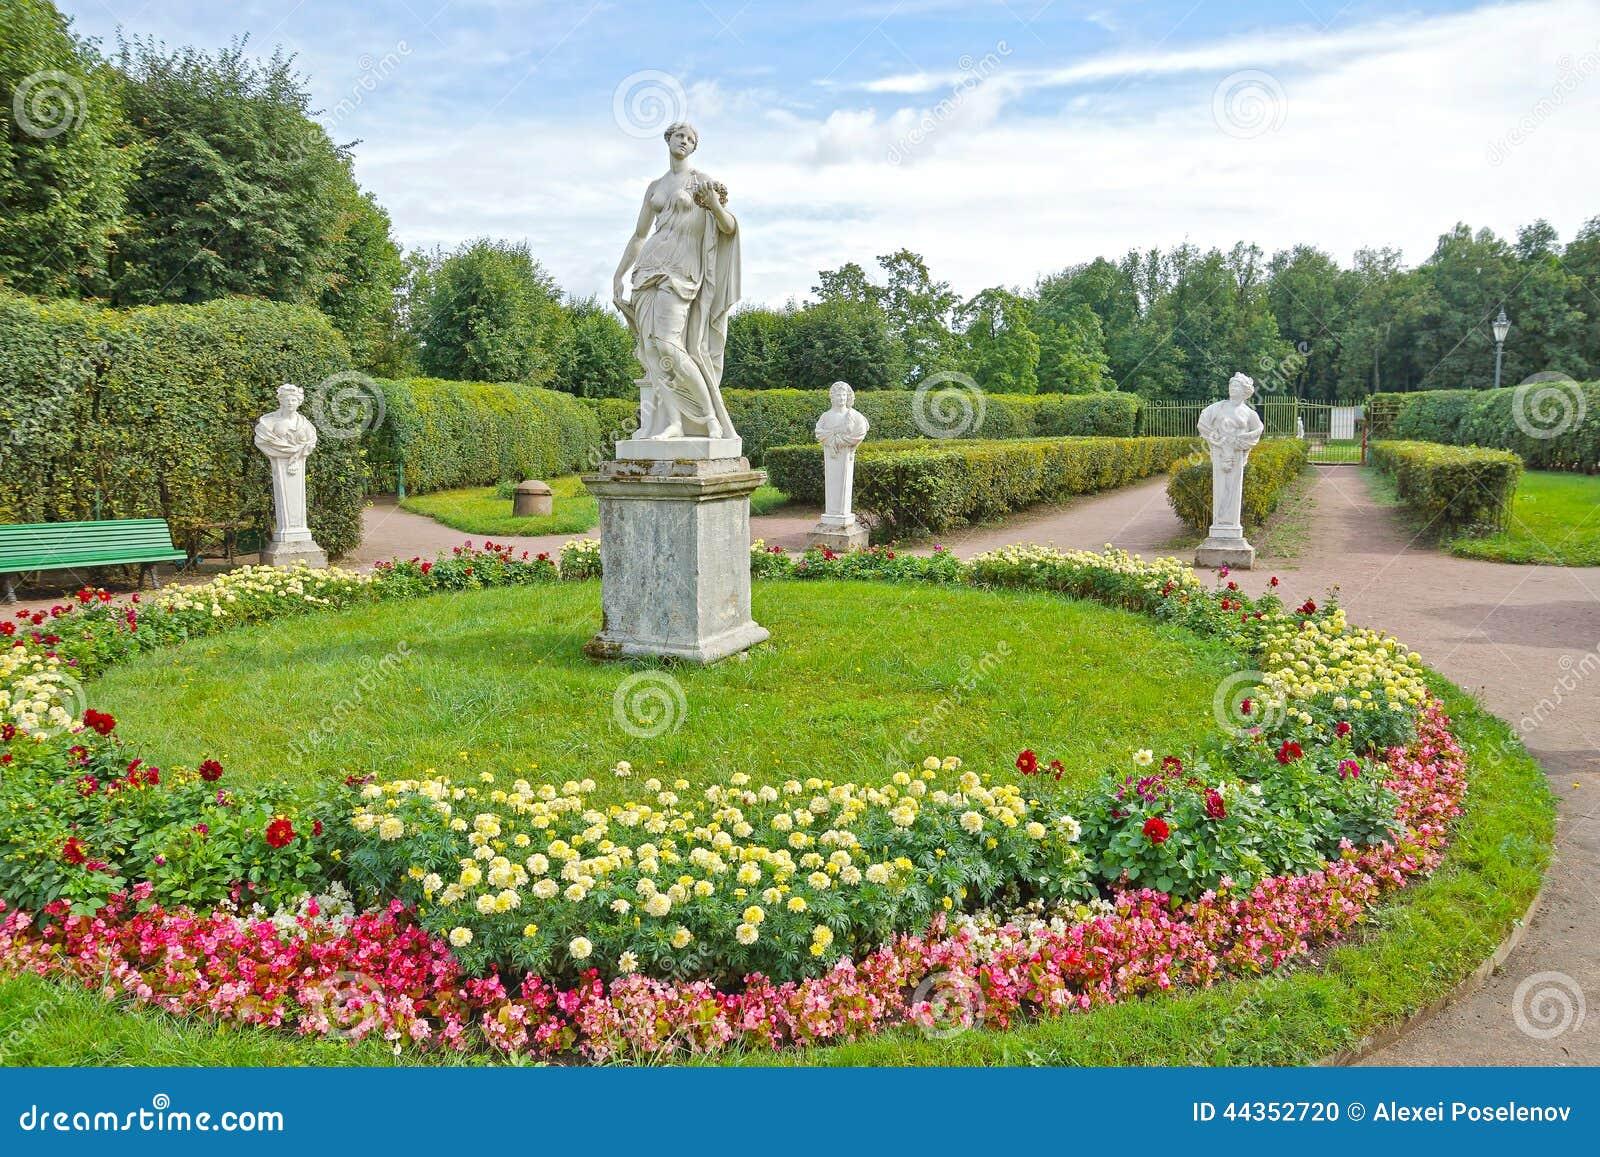 Αρχαία αγάλματα στον κήπο λουλουδιών